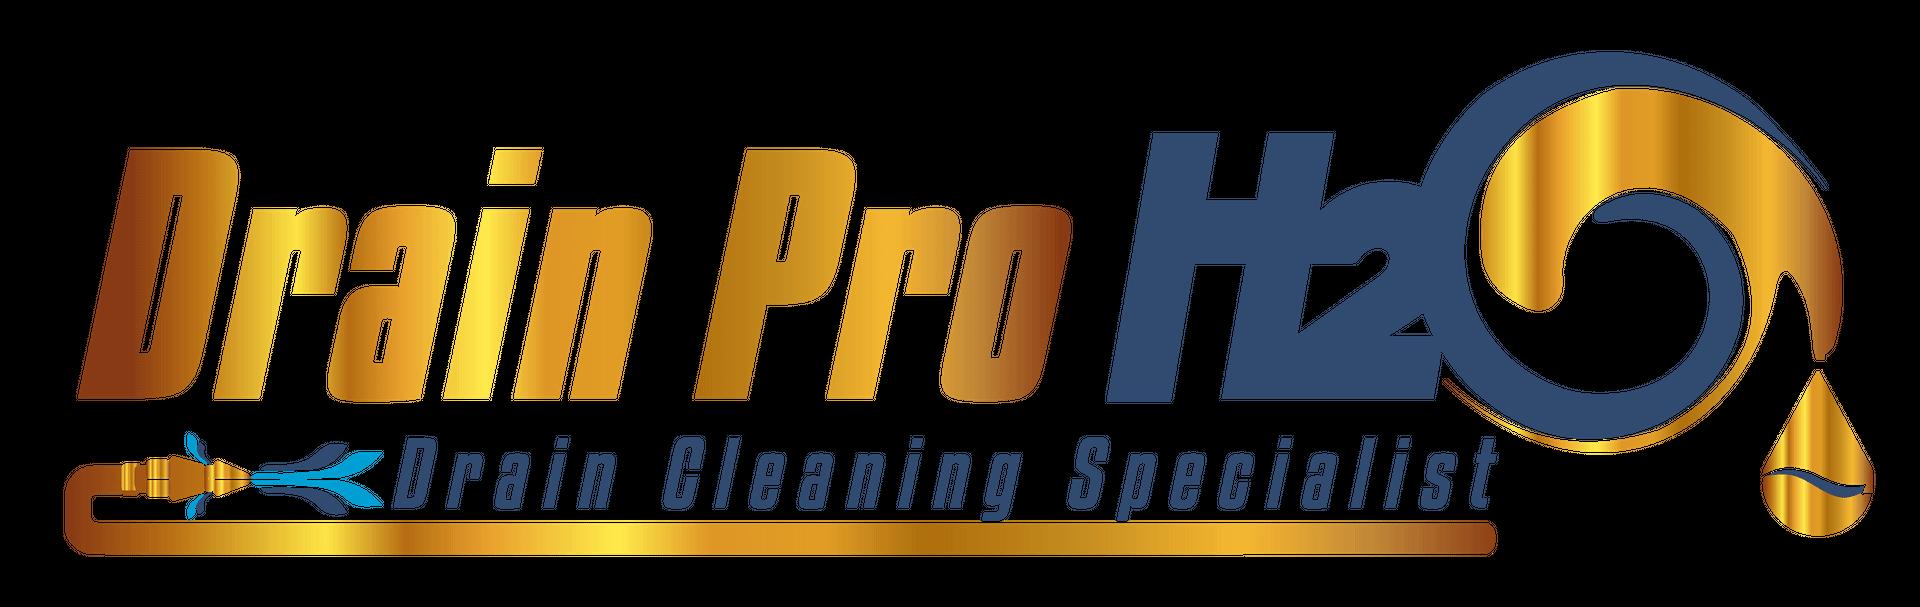 Drain Pro H2O